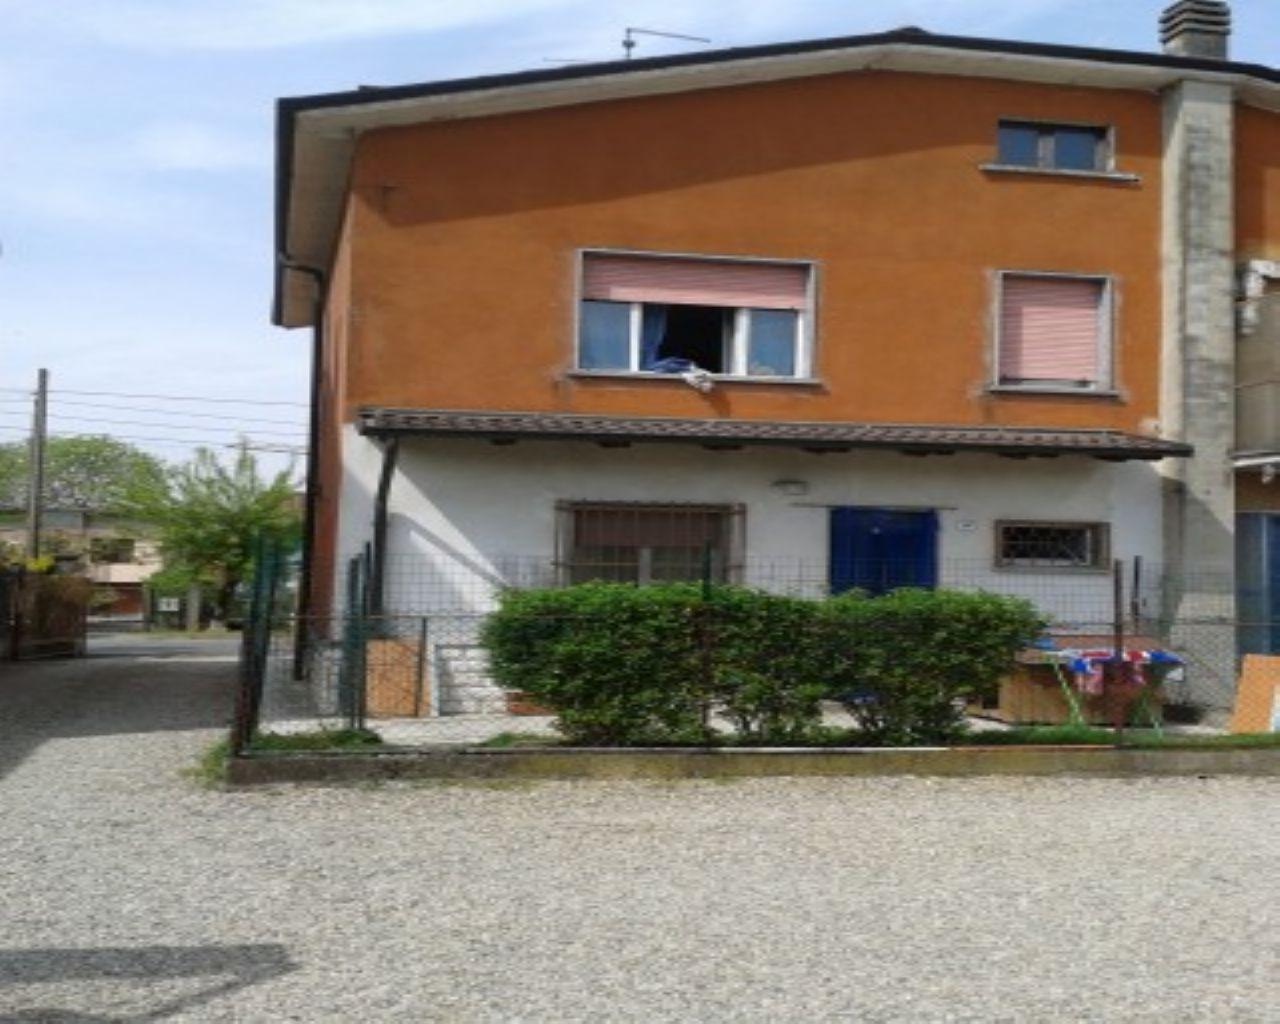 Villa in vendita a Santa Cristina e Bissone, 4 locali, zona Zona: Santa Cristina, prezzo € 95.000 | Cambio Casa.it